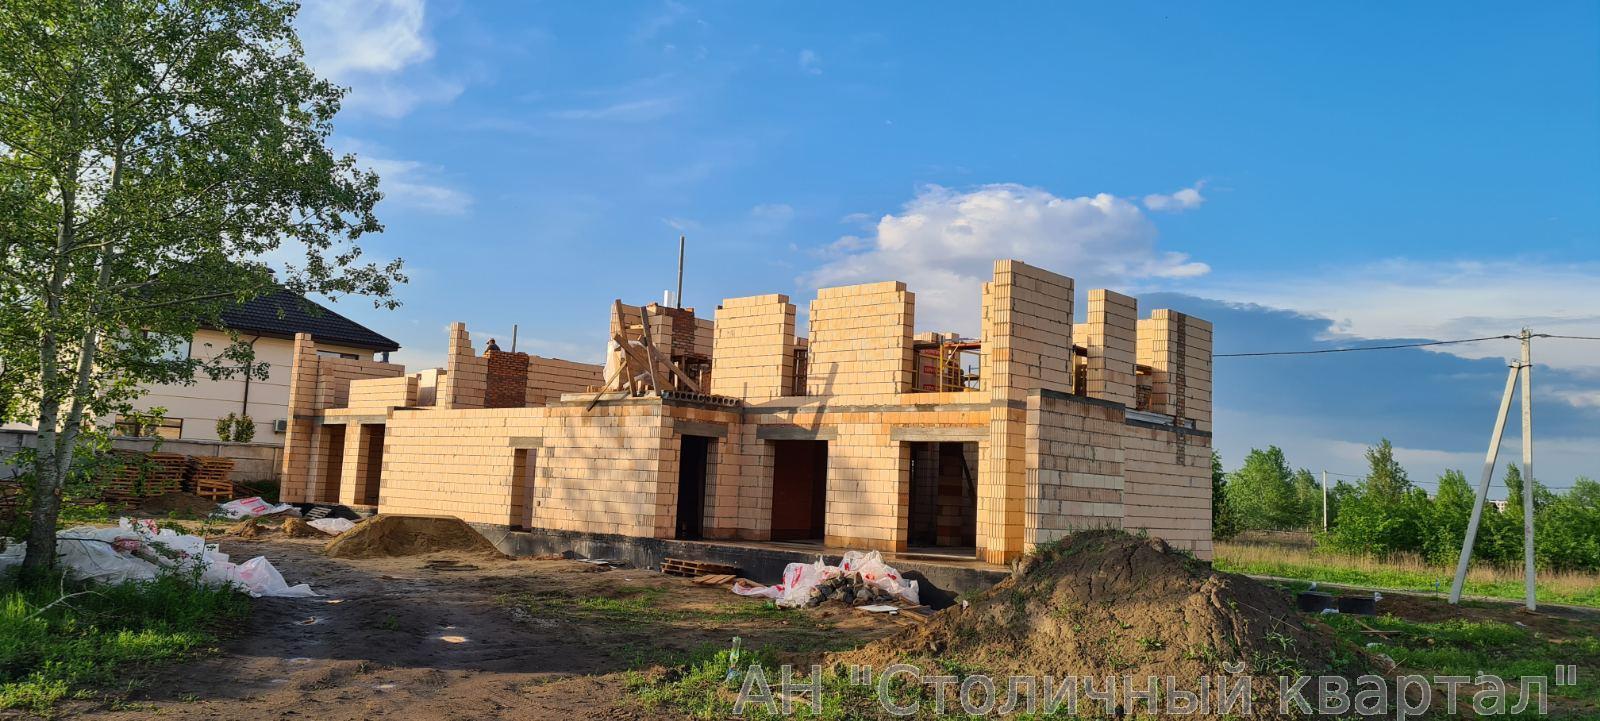 Продажа домов Петропавловская Борщаговка